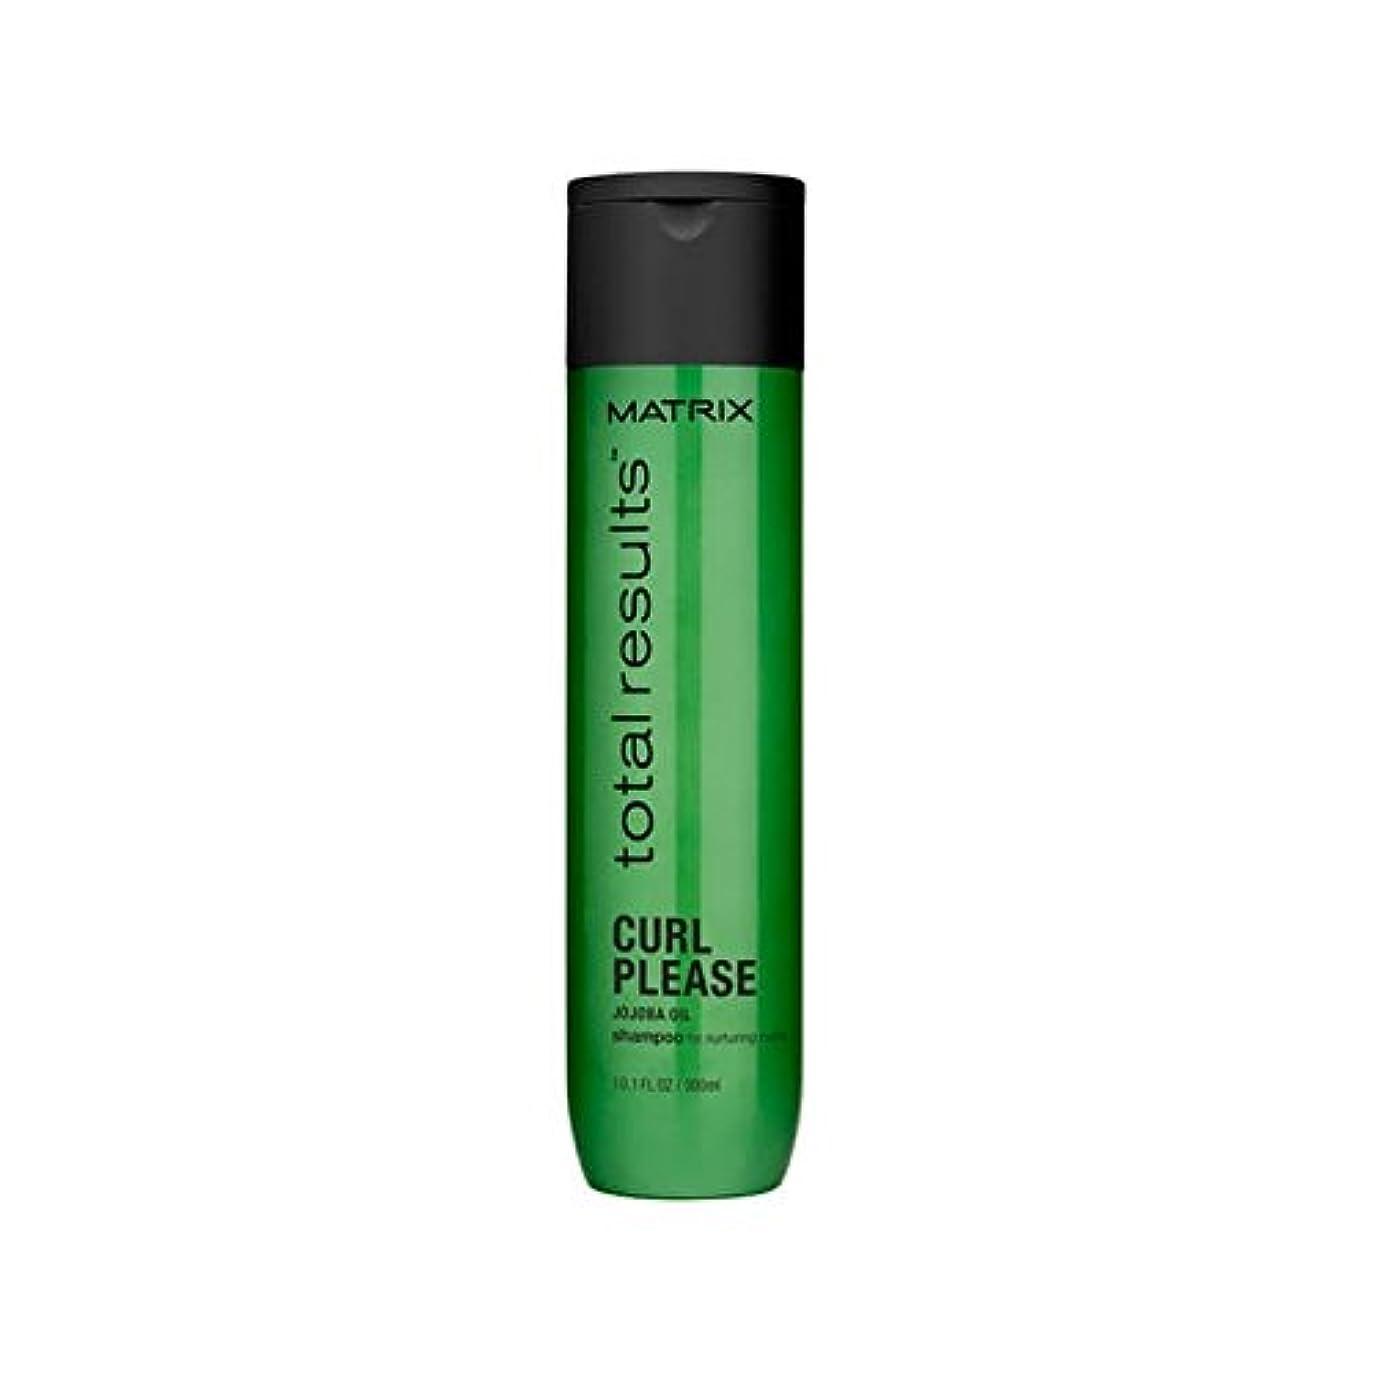 酸化物鎮痛剤クリーム行列の合計結果カールしてくださいシャンプー(300ミリリットル) x4 - Matrix Total Results Curl Please Shampoo (300ml) (Pack of 4) [並行輸入品]